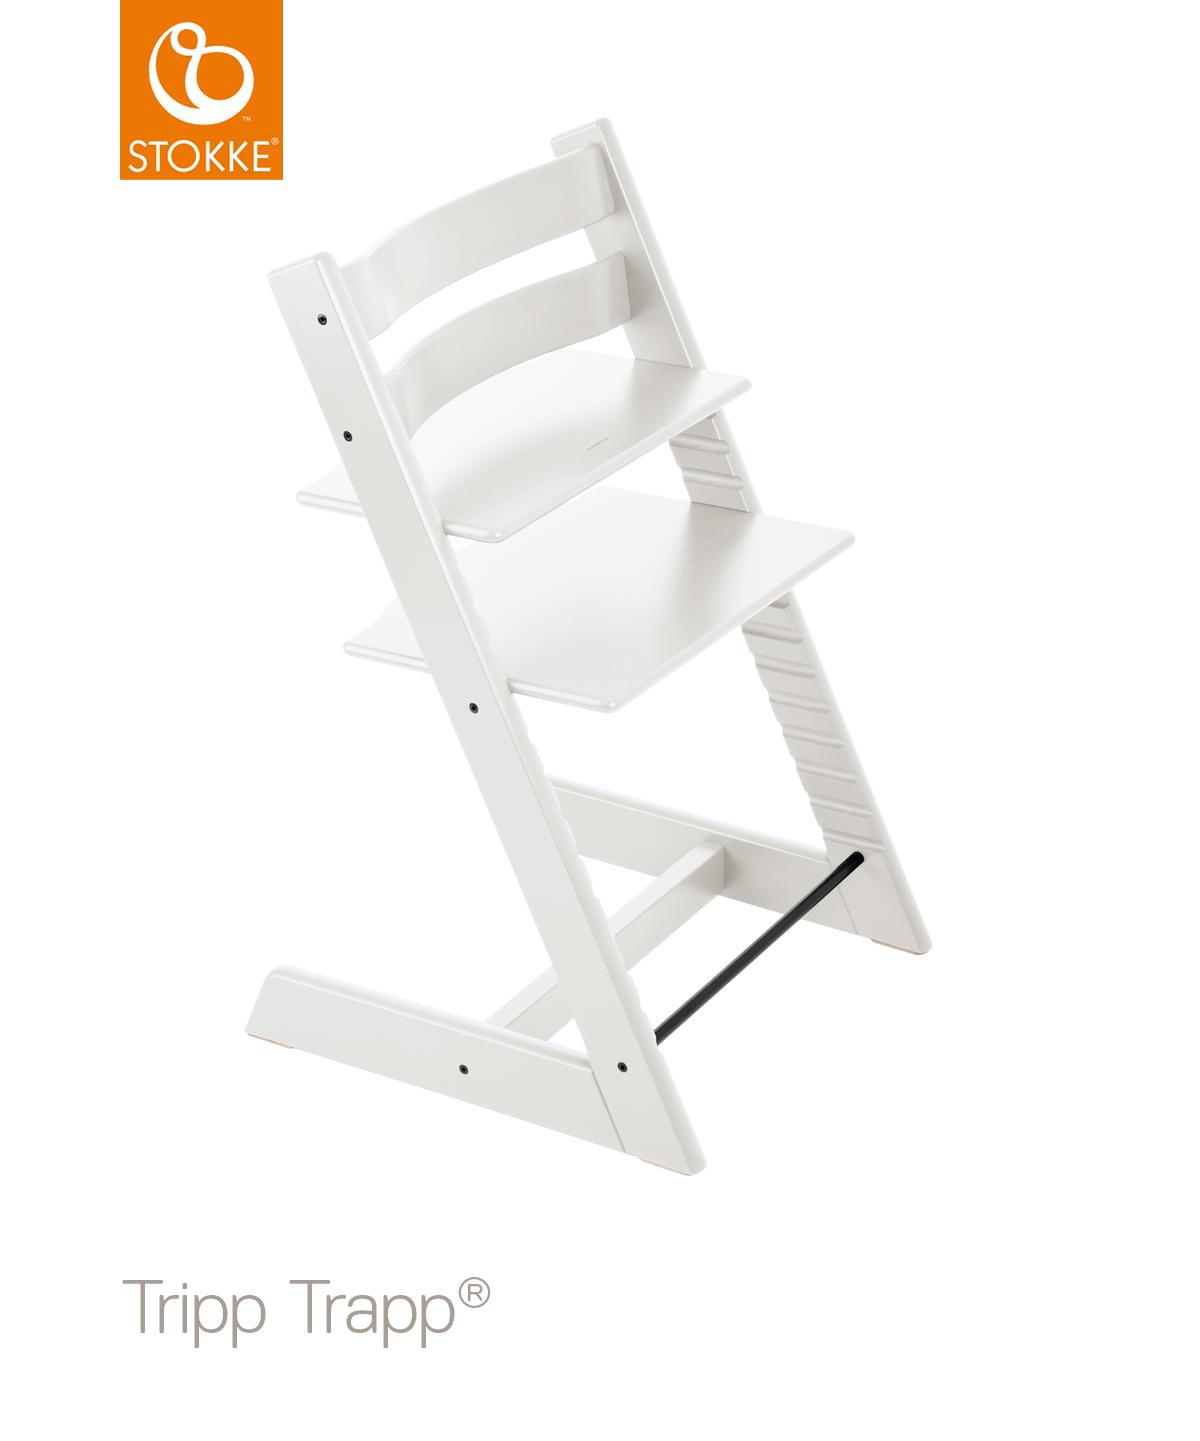 Stokke Tripp Trapp High Chair Chaise Haute Evolutive Chaise Haute Bebe Chaise Haute